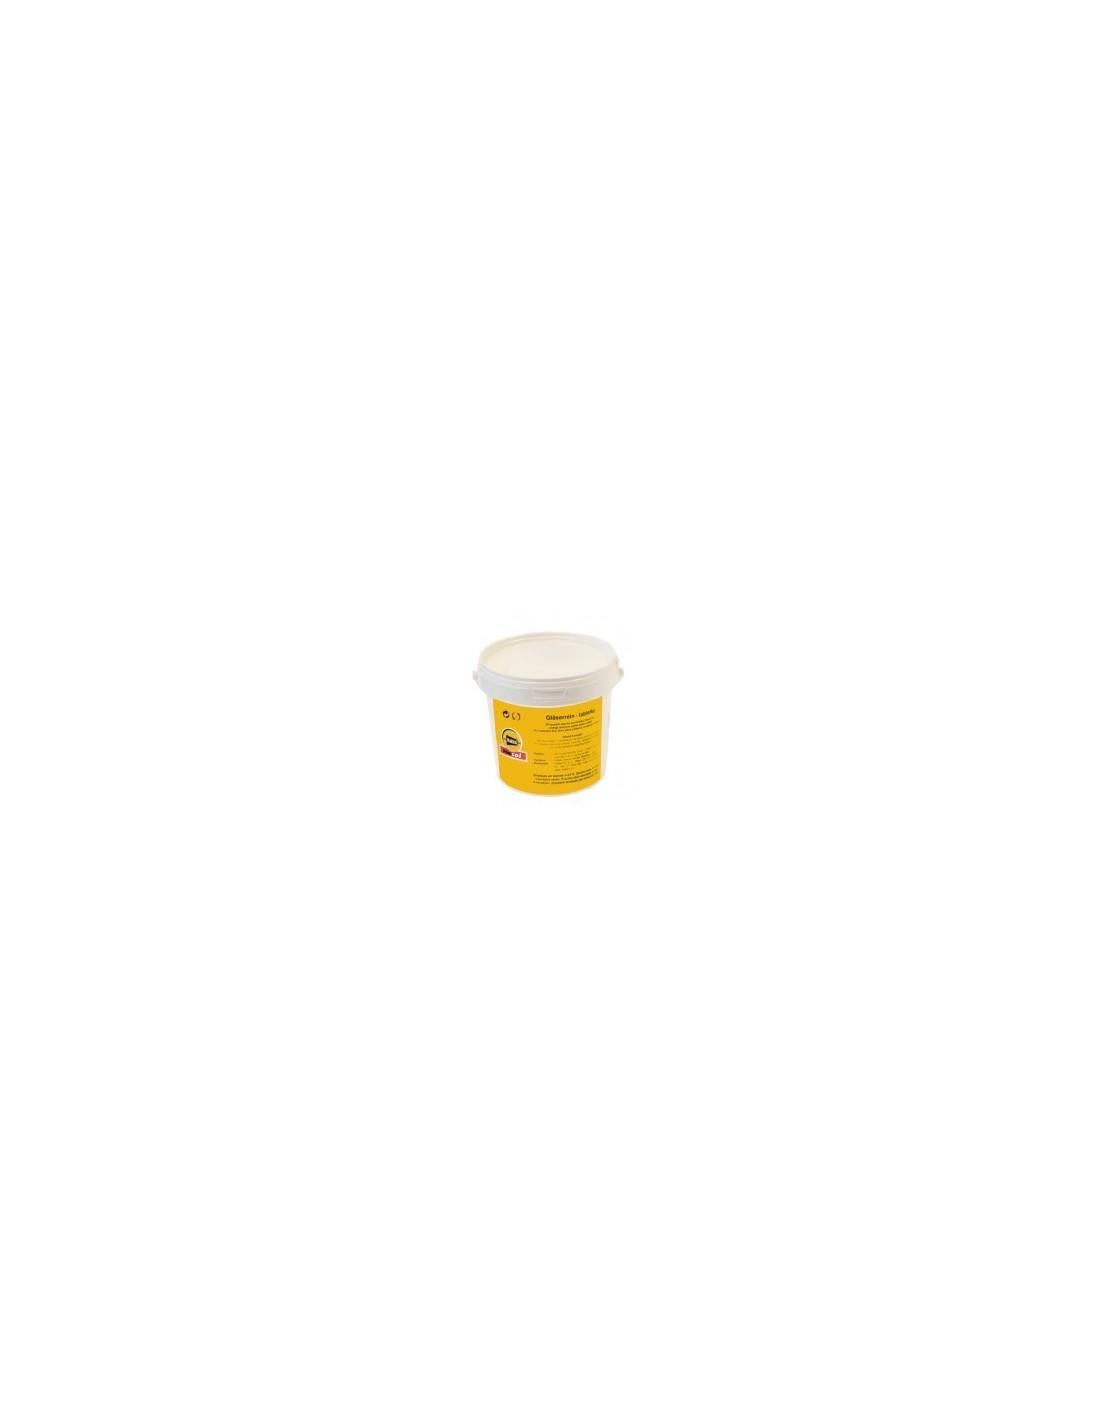 MYK02066 - Rengöringstabletter Gläserrein 650g